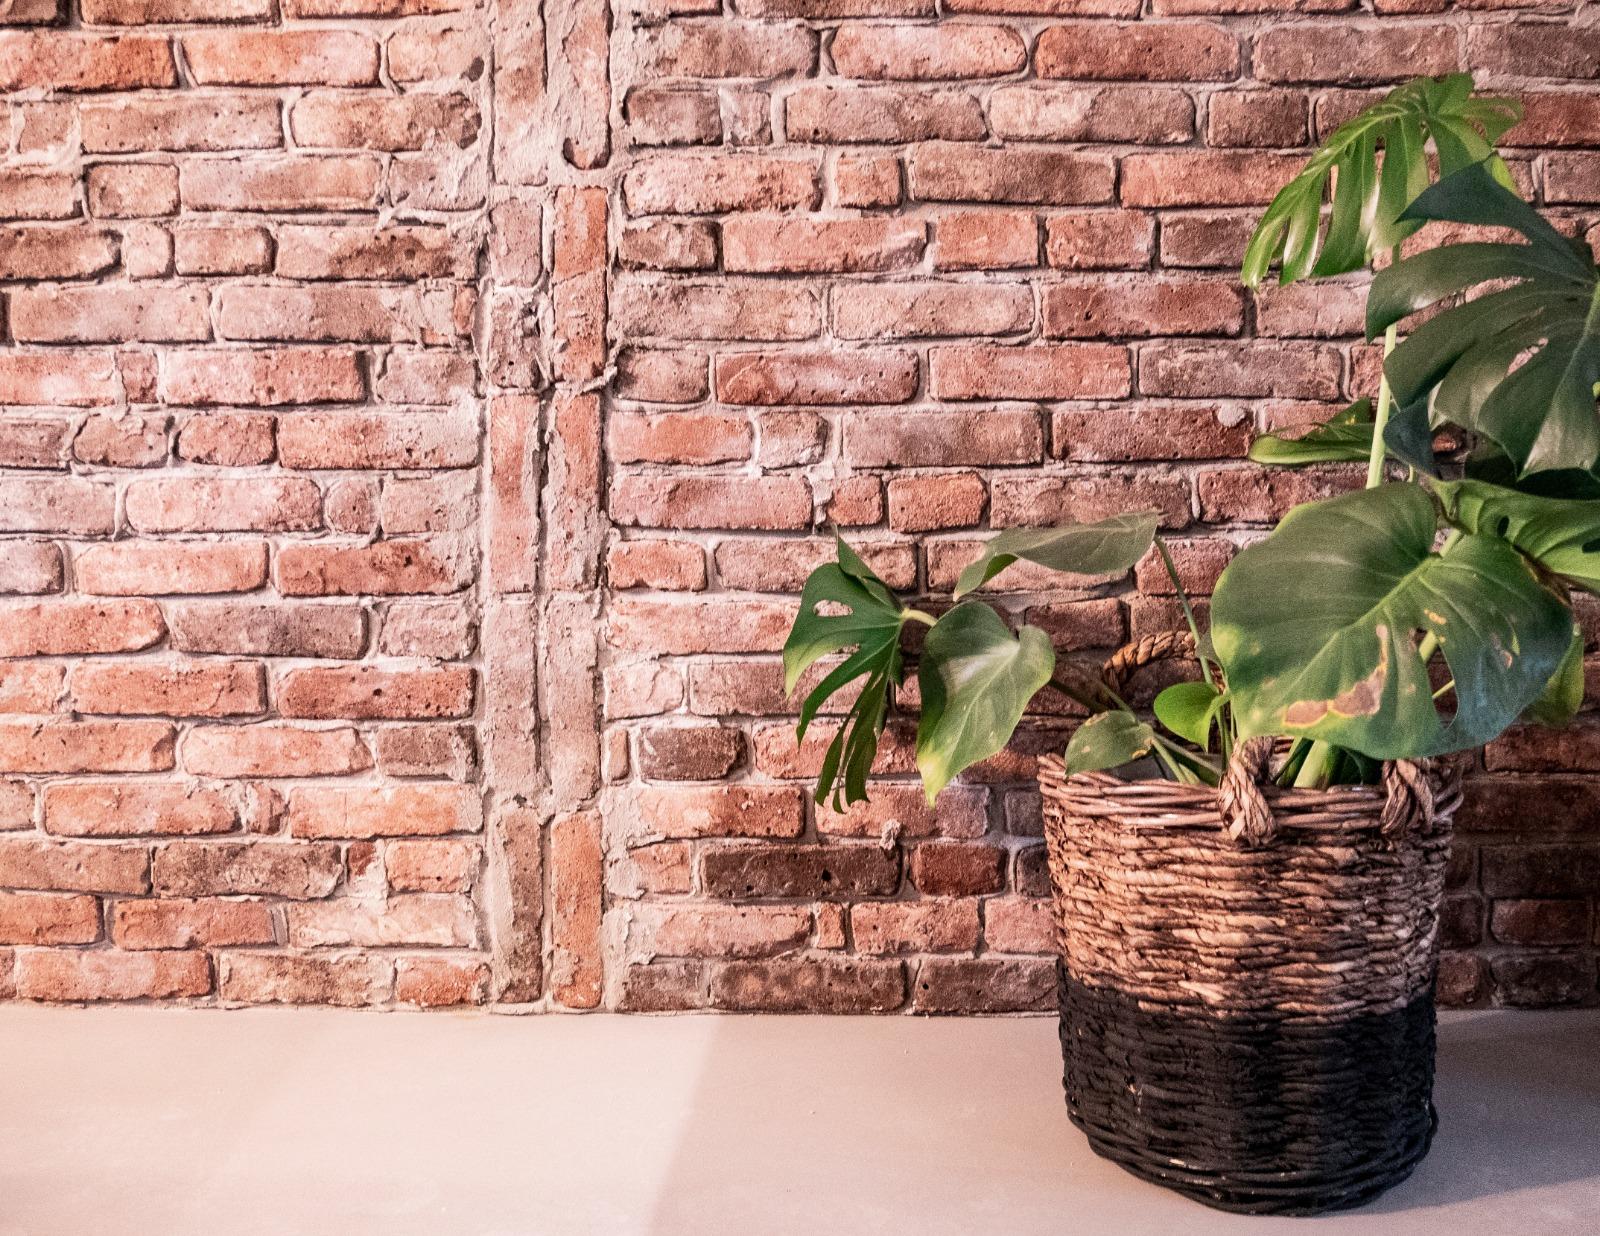 Stonepress alternatief voor baksteen steenstrips, baksteen behang en betonlook voor in de keuken